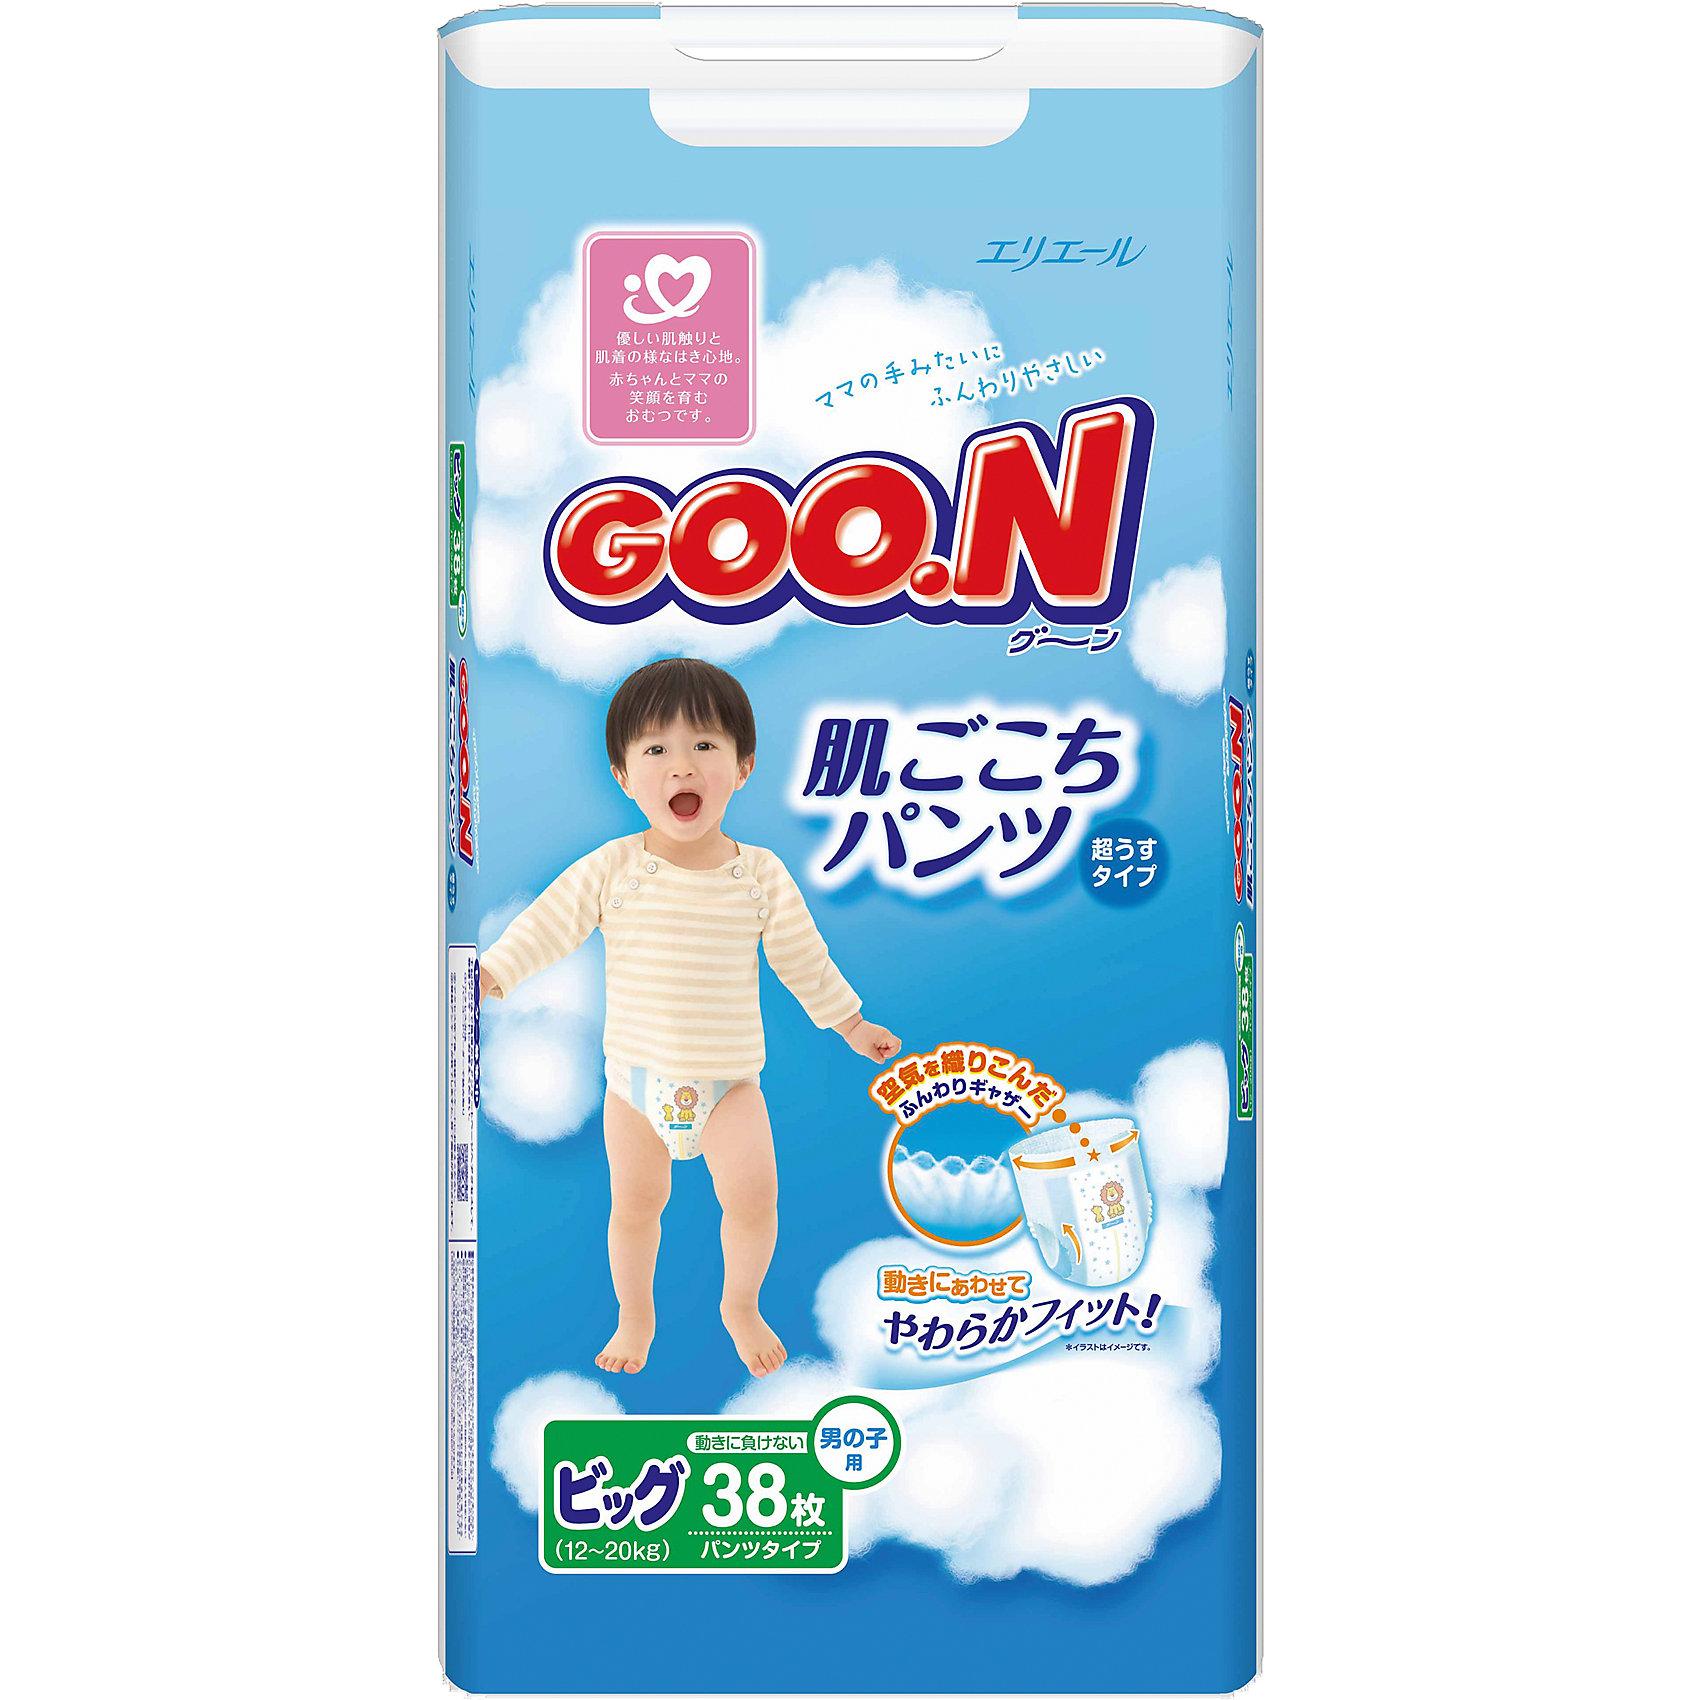 Goon Подгузники-трусики Goon, XL 12-20 кг, для мальчиков, 38 шт. goon подгузники ss 0 5 кг 90 шт